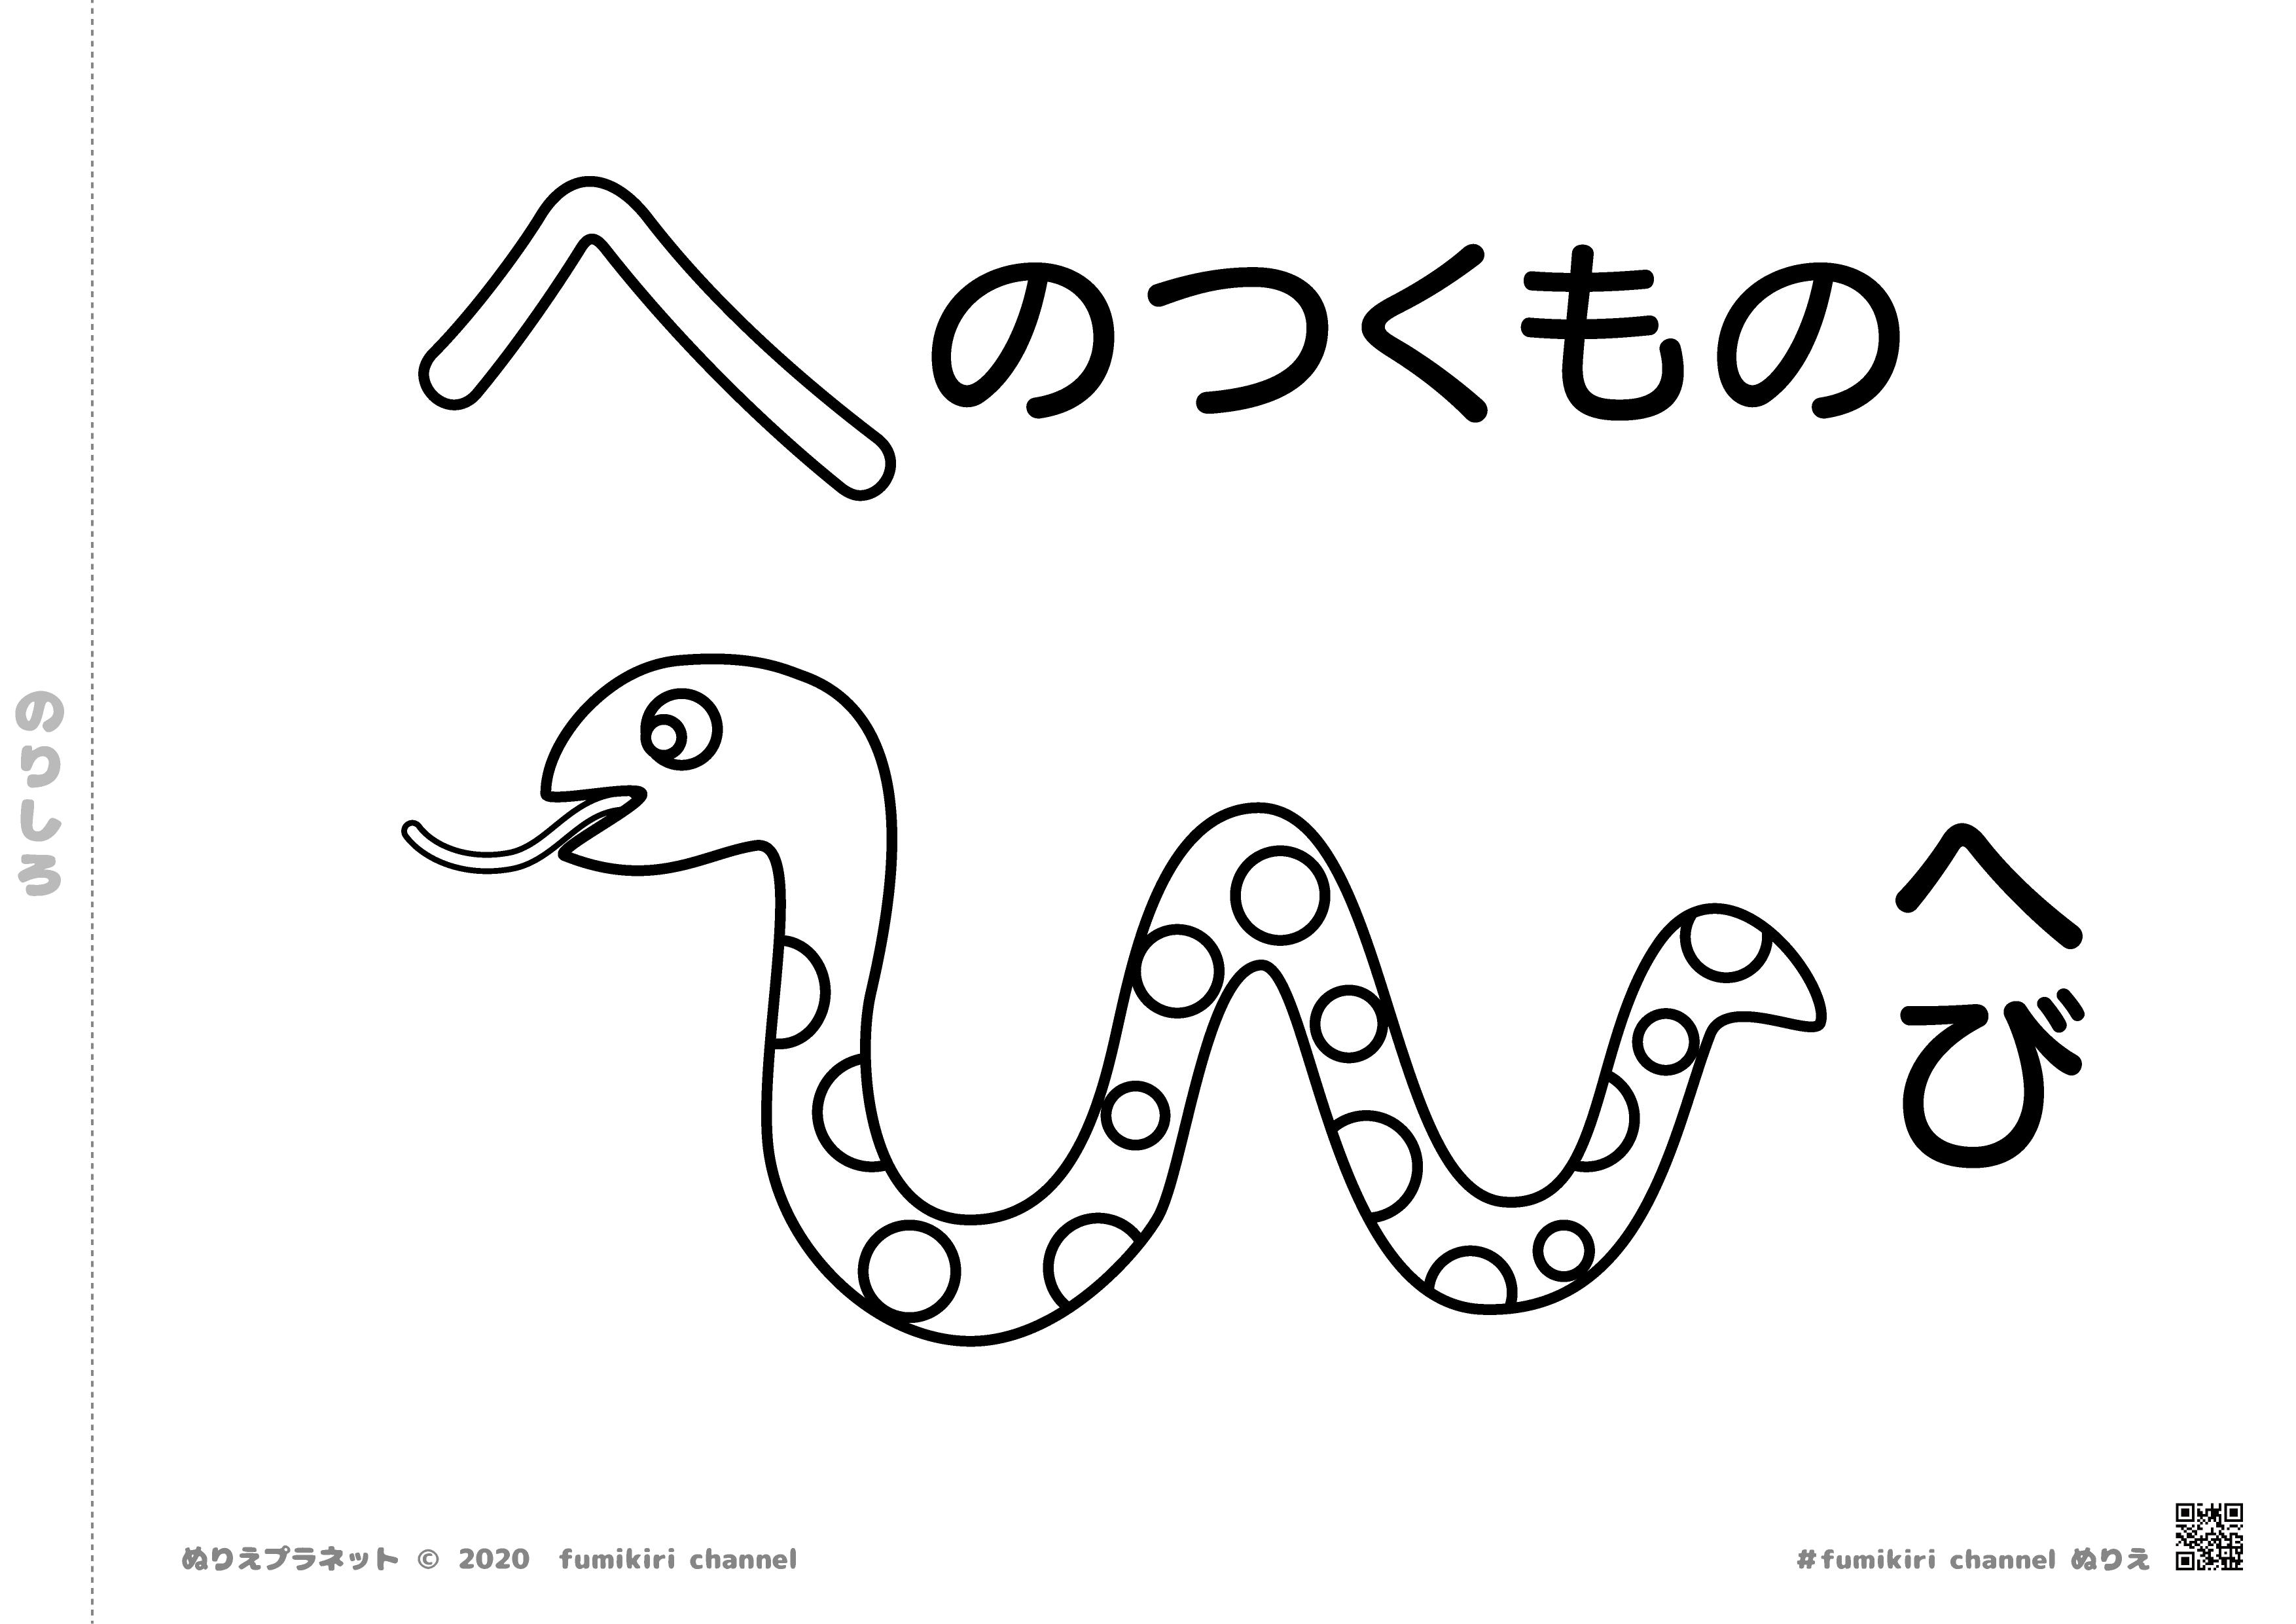 長くてニョロニョロ移動する「ヘビ」の塗り絵